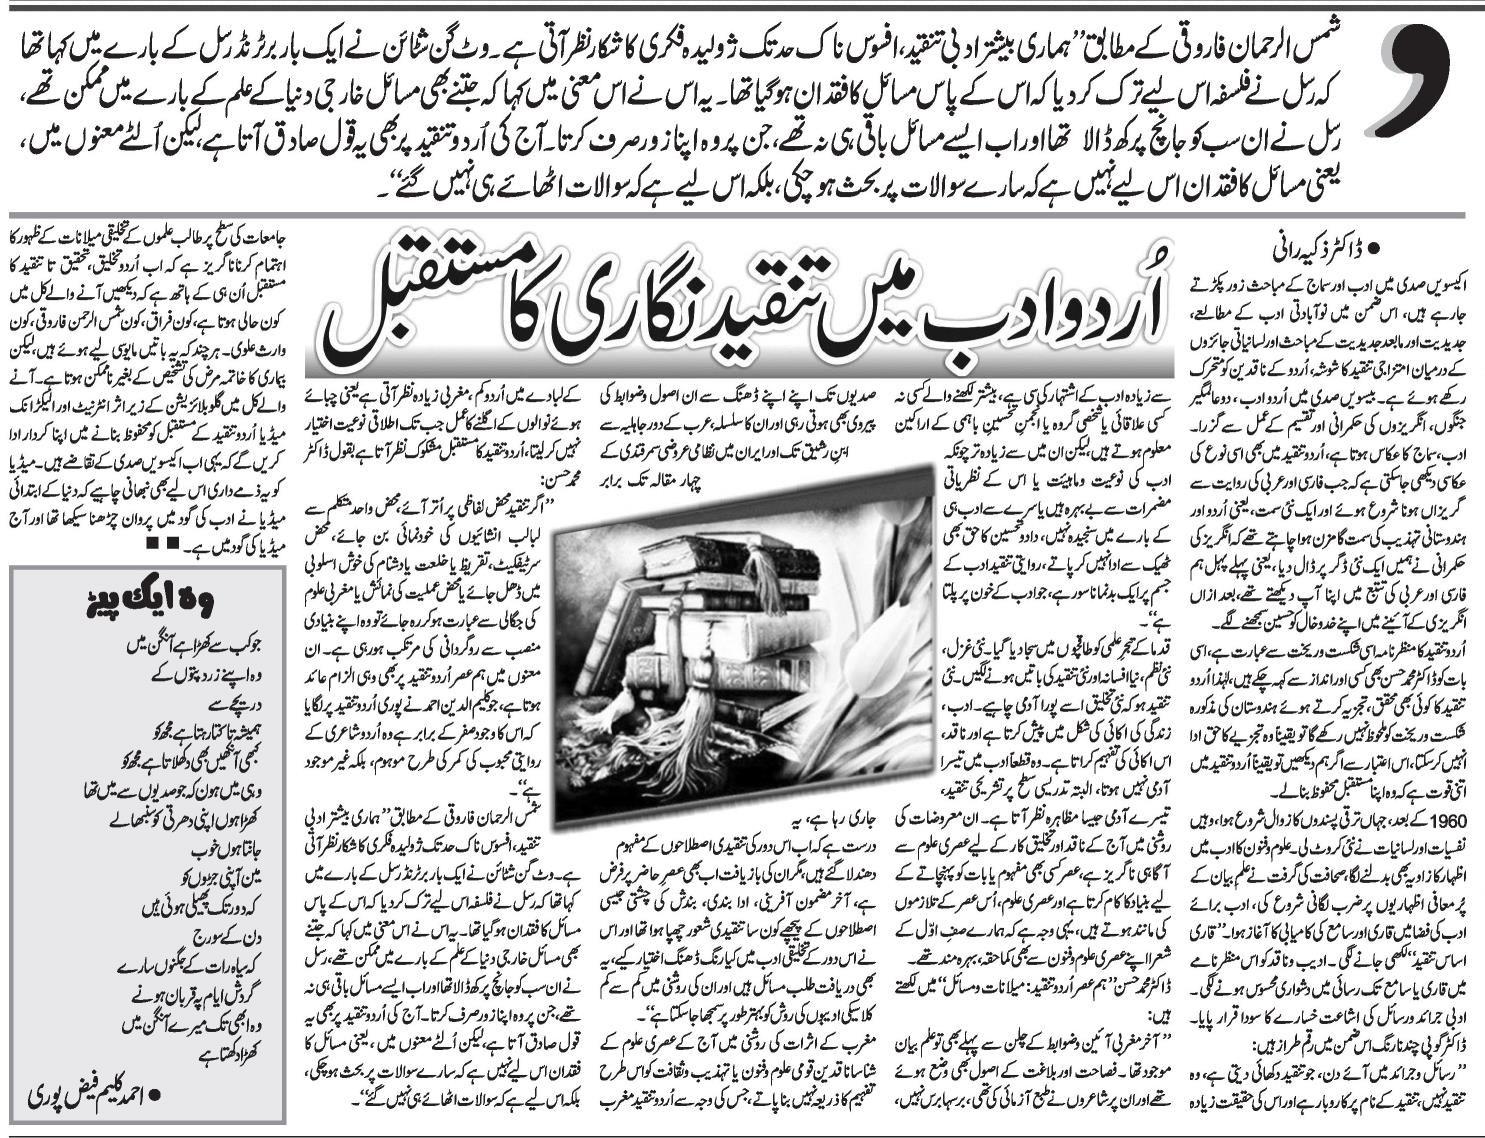 Daily Jang Urdu News Cricket news, Urdu news, Sports news